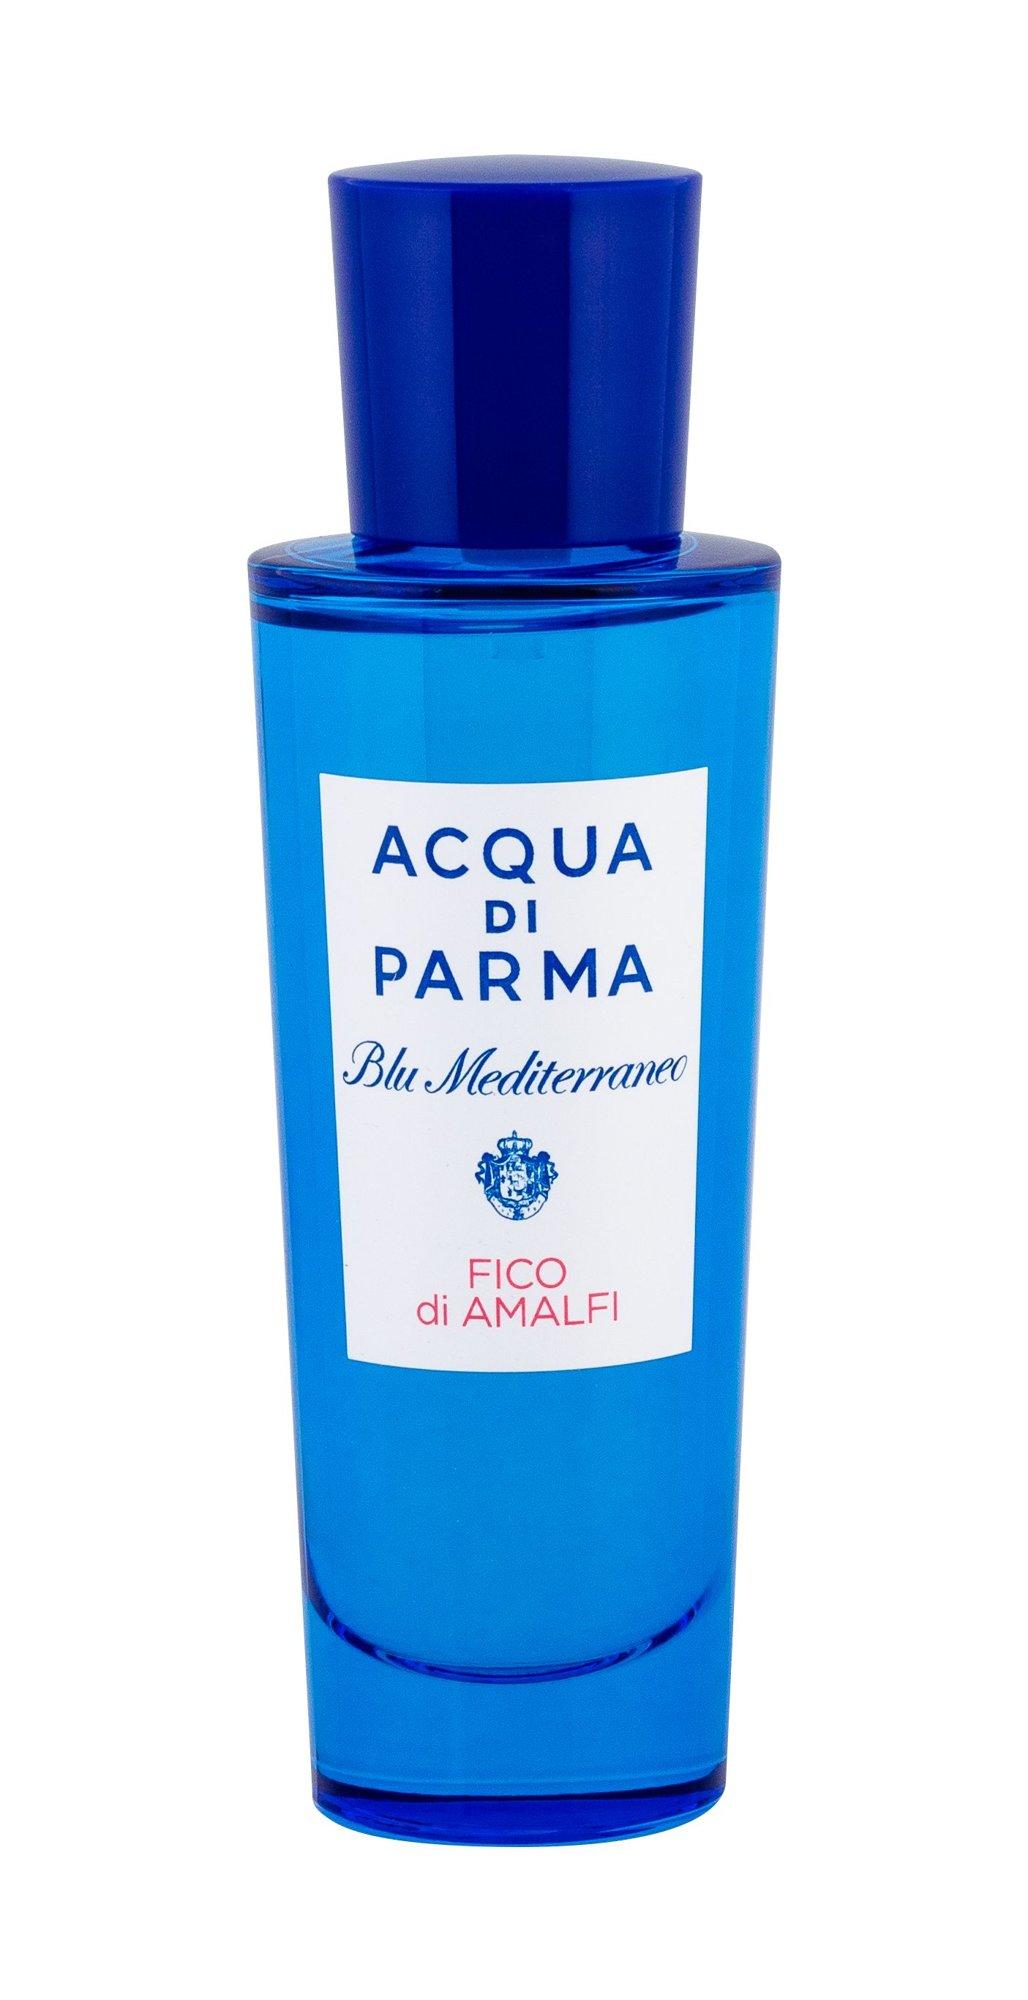 Acqua di Parma Blu Mediterraneo Fico di Amalfi Eau de Toilette 30ml